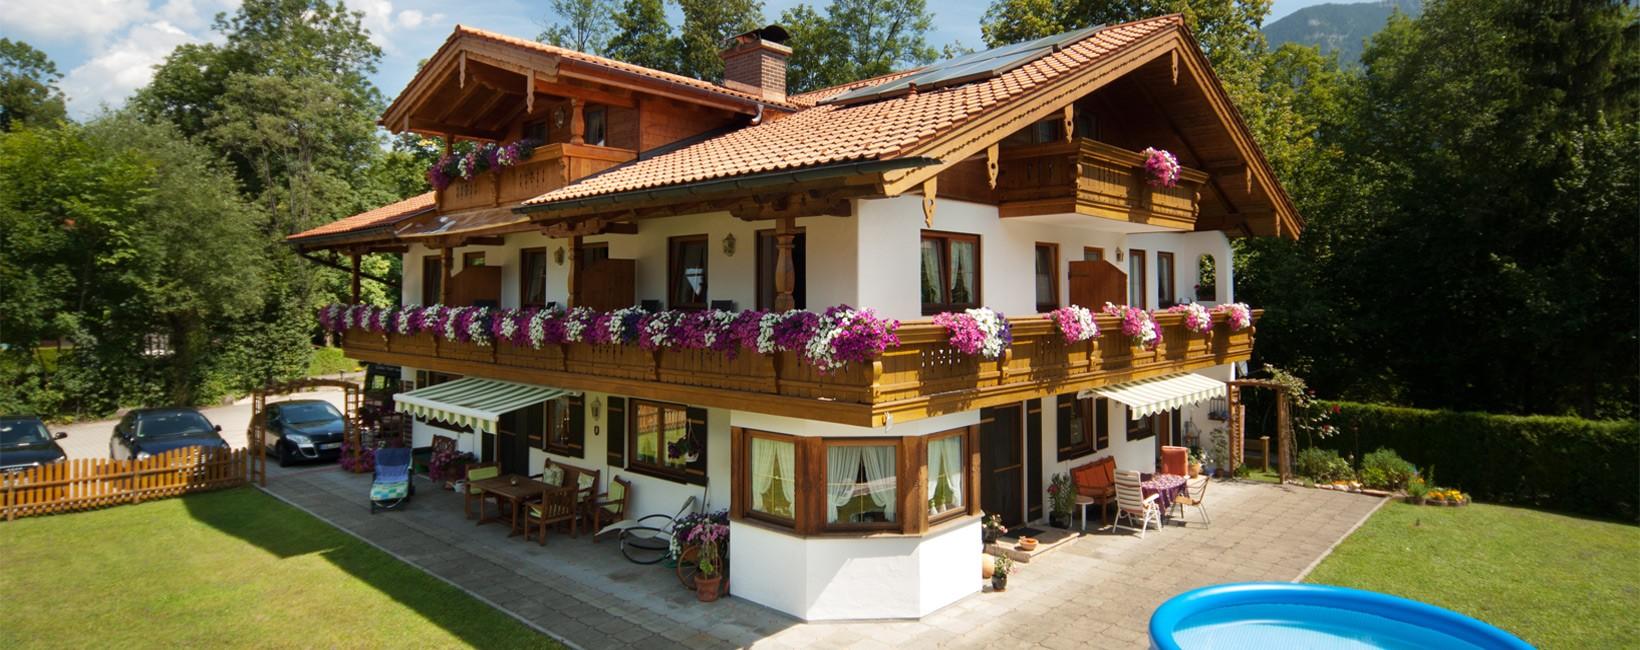 Landhaus Eschenbach Sommer